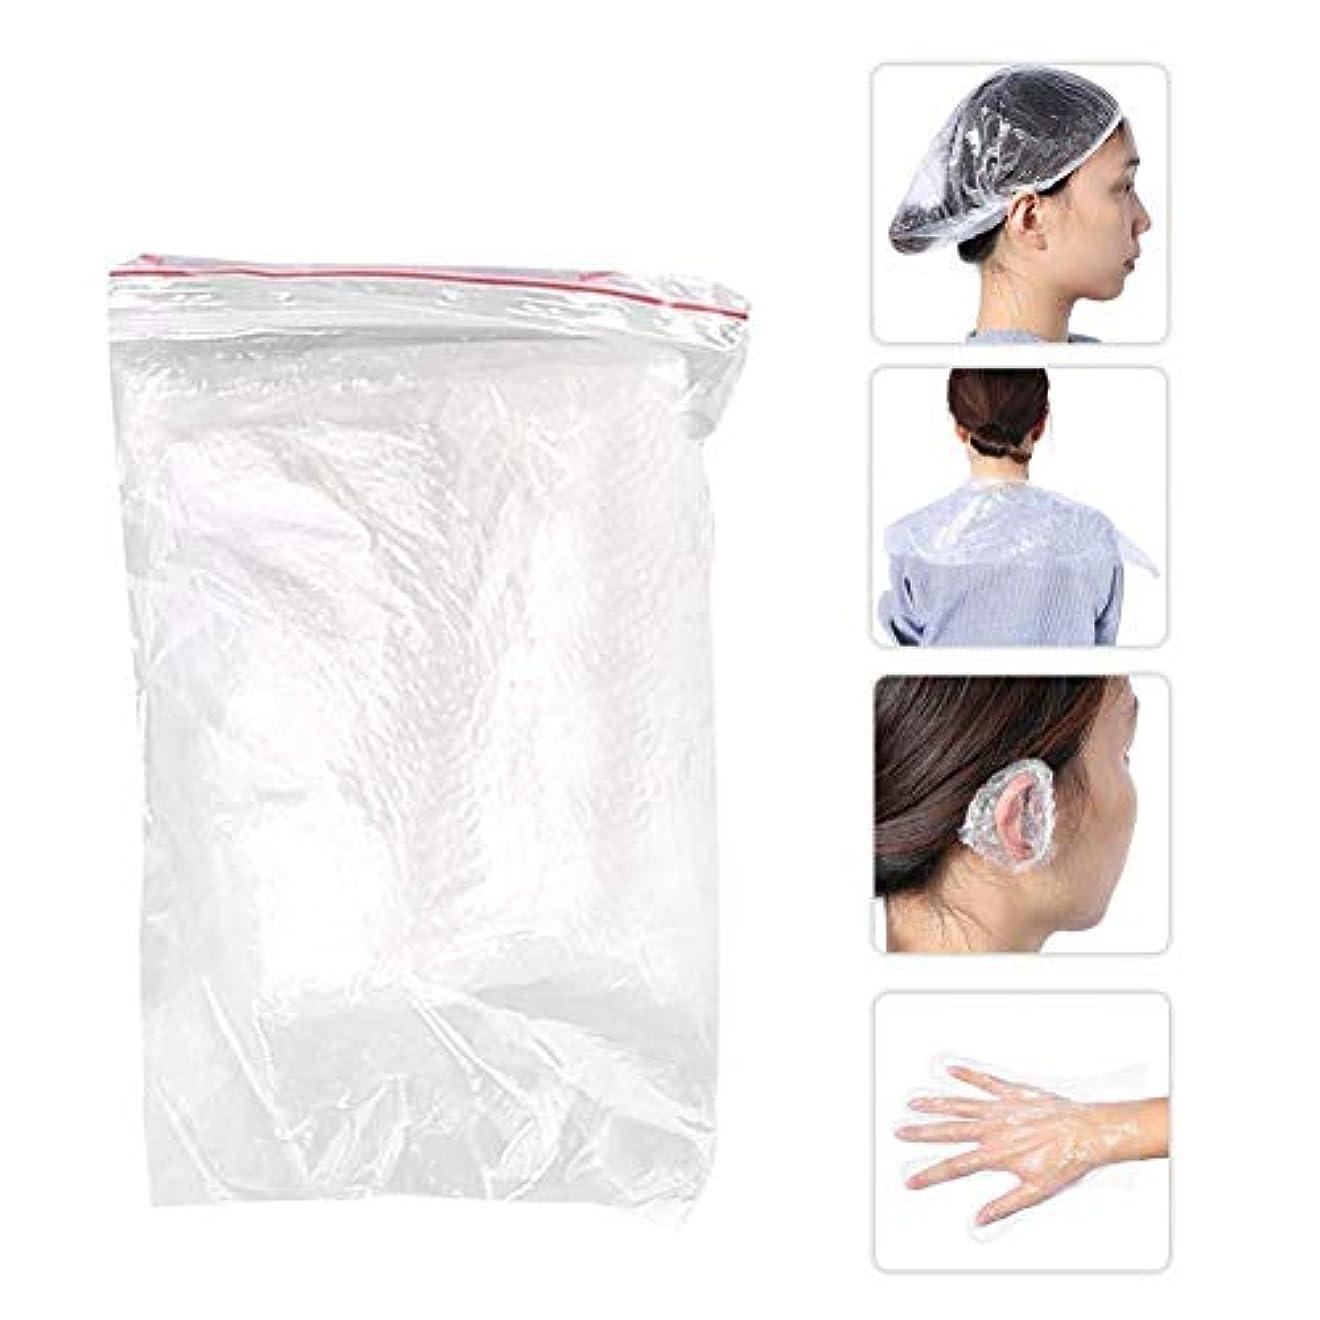 事実面倒追放する美容用品毛染めツール ショールイヤーマフ手袋シャワーキャップ10セット使い捨てサロン シャワーキャップ耳カバー手袋